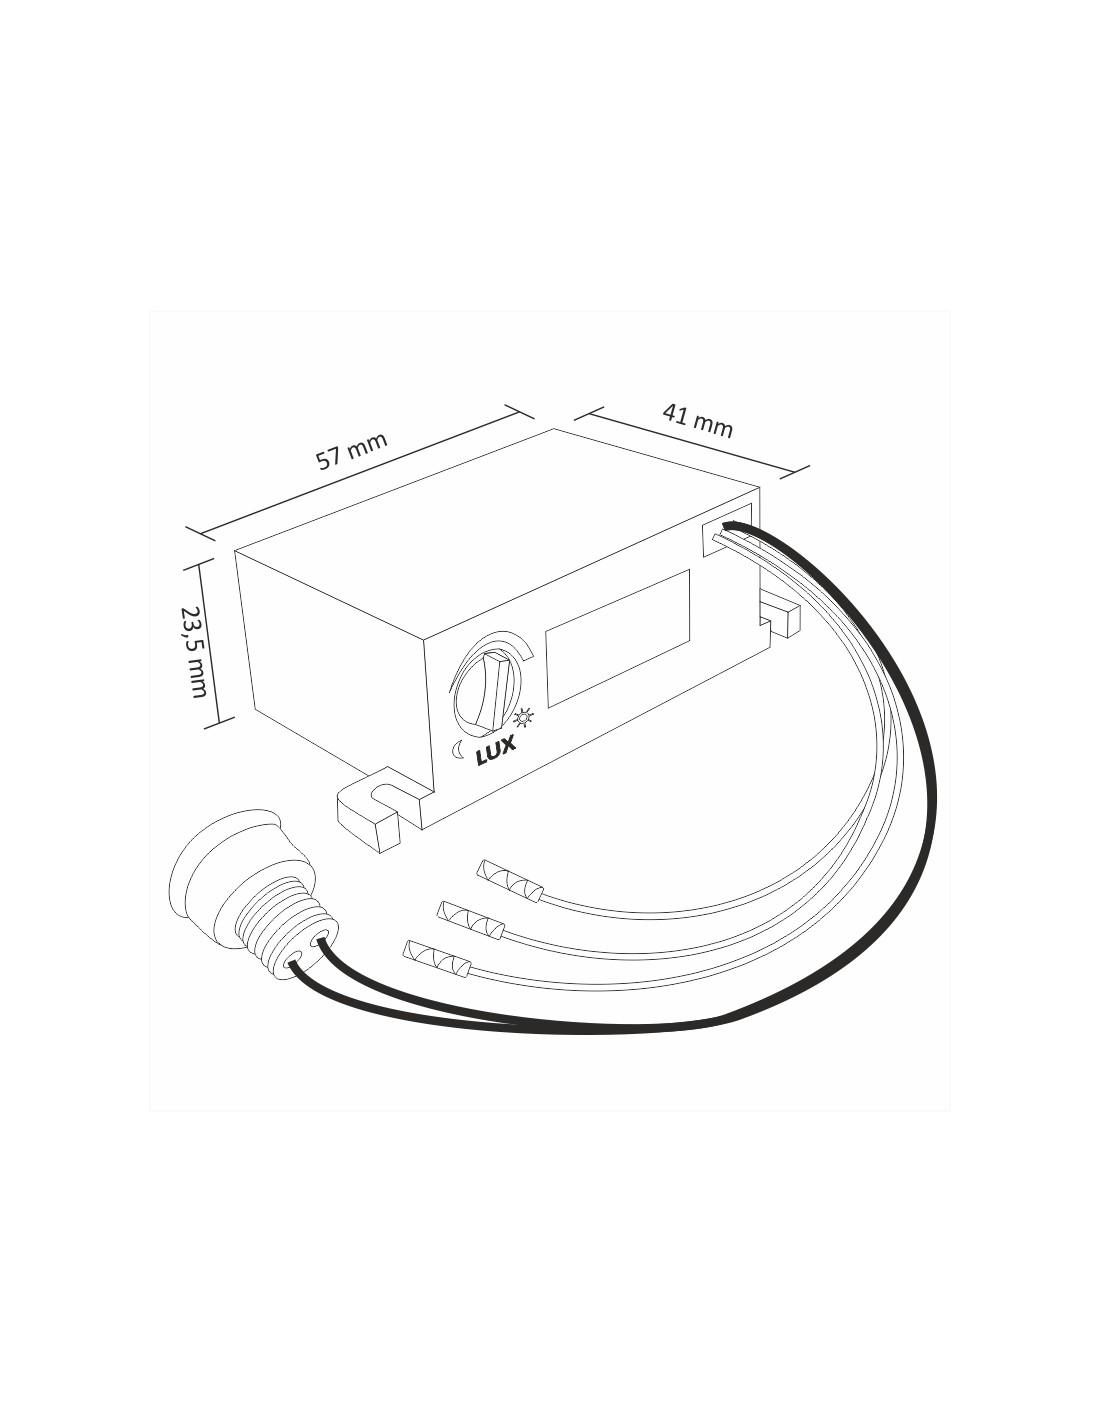 Automatic Twilight Switch Z1 220 230v Ac With Ip54